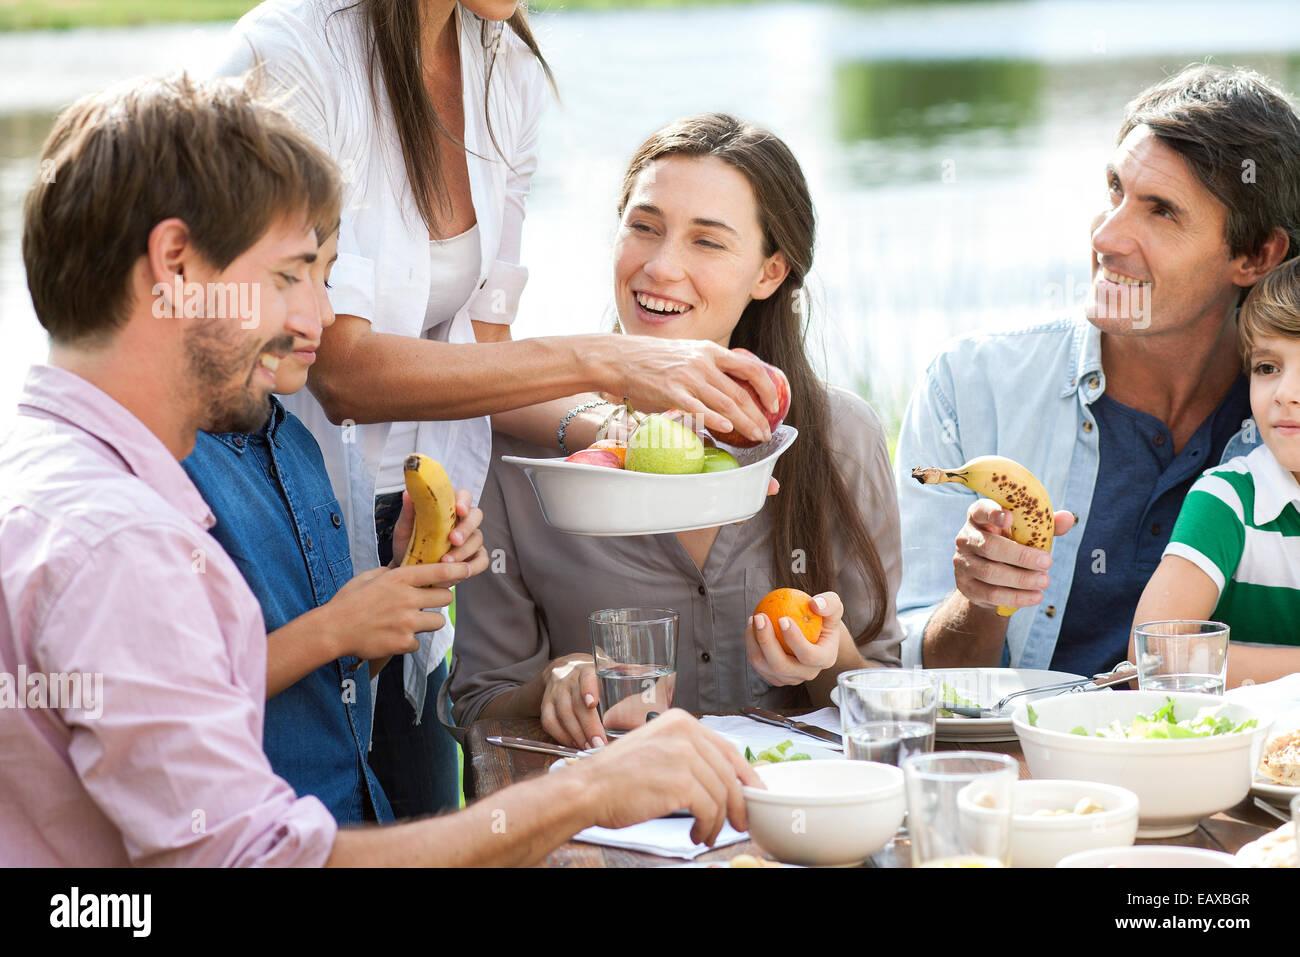 Famiglia godendo picnic sano Immagini Stock